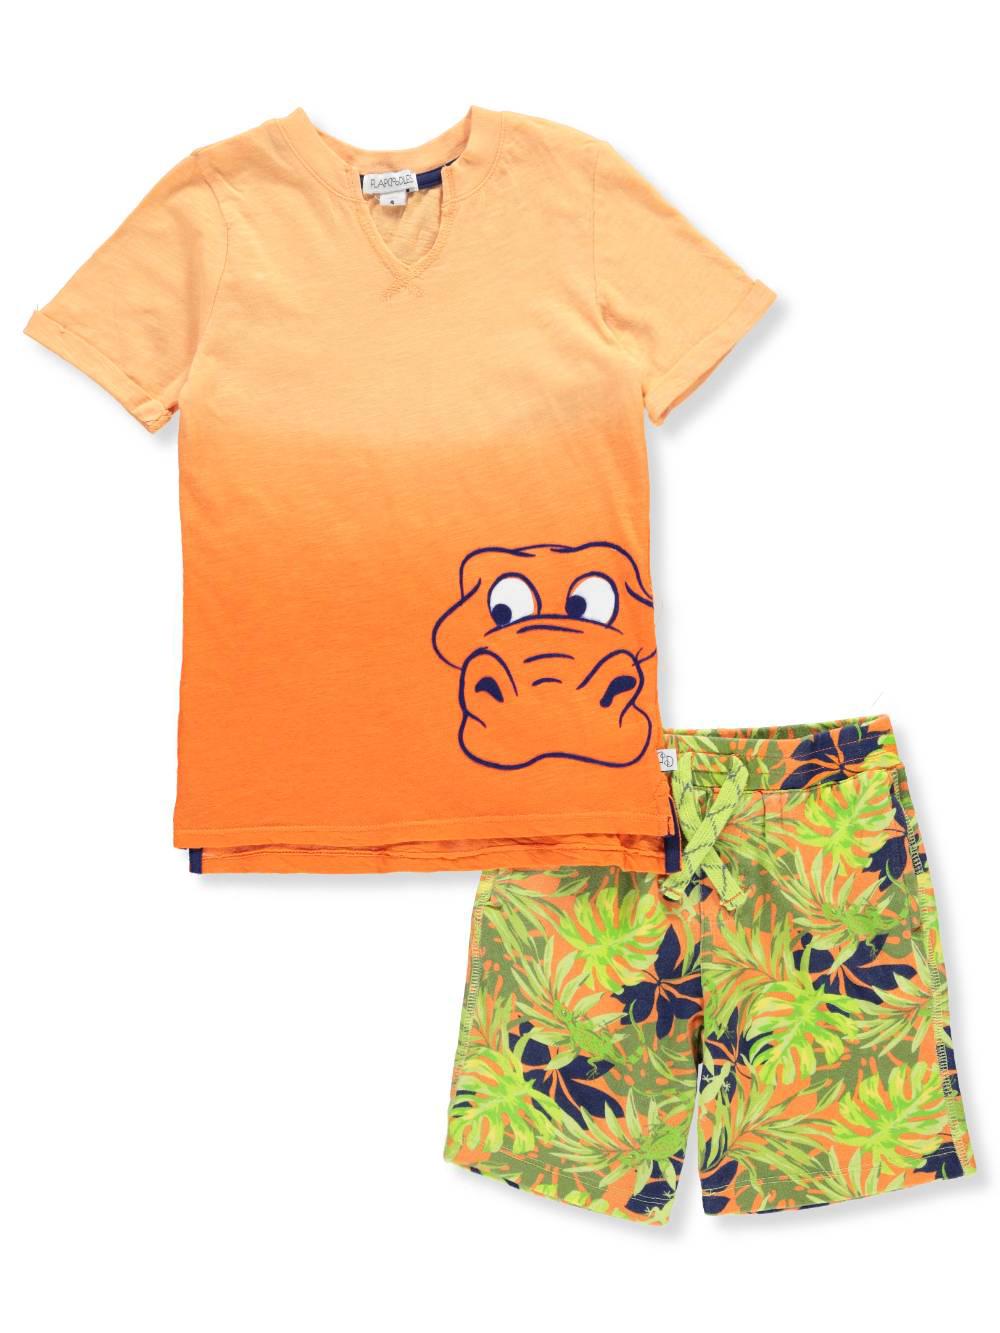 Flapdoodles Boys 2 Piece Short Set Outfit